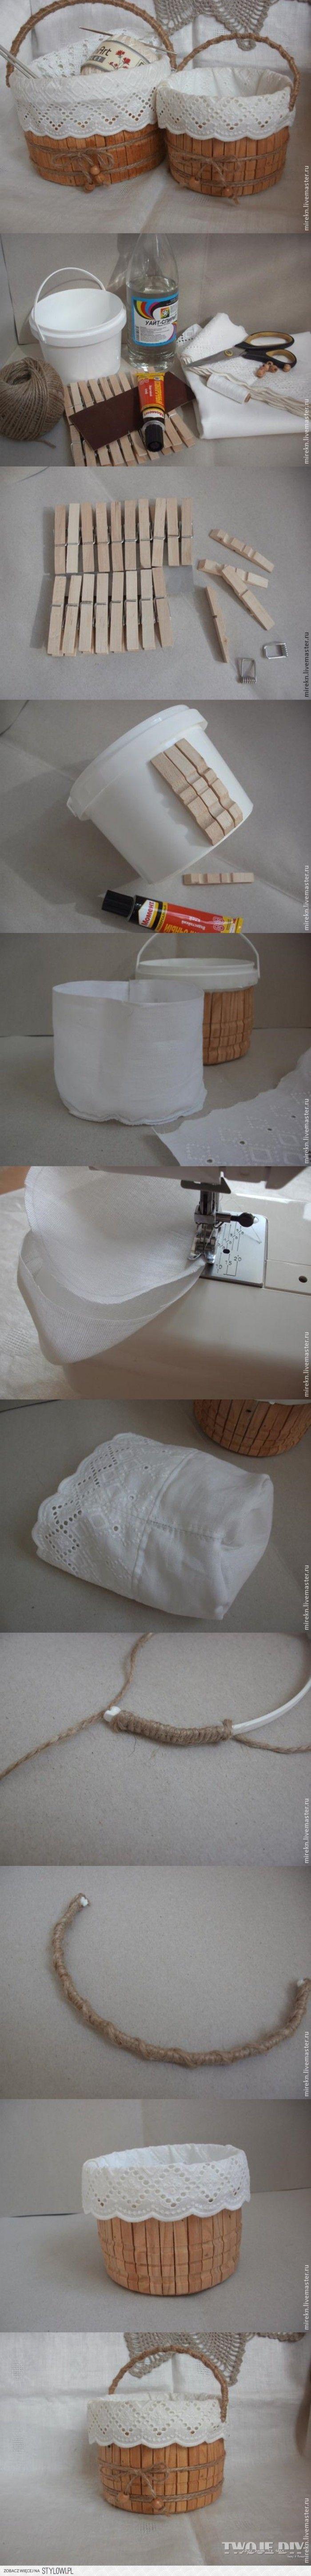 Zo maak je van een plastic emmer een mooie brocante mand voor allerlei spulletjes.